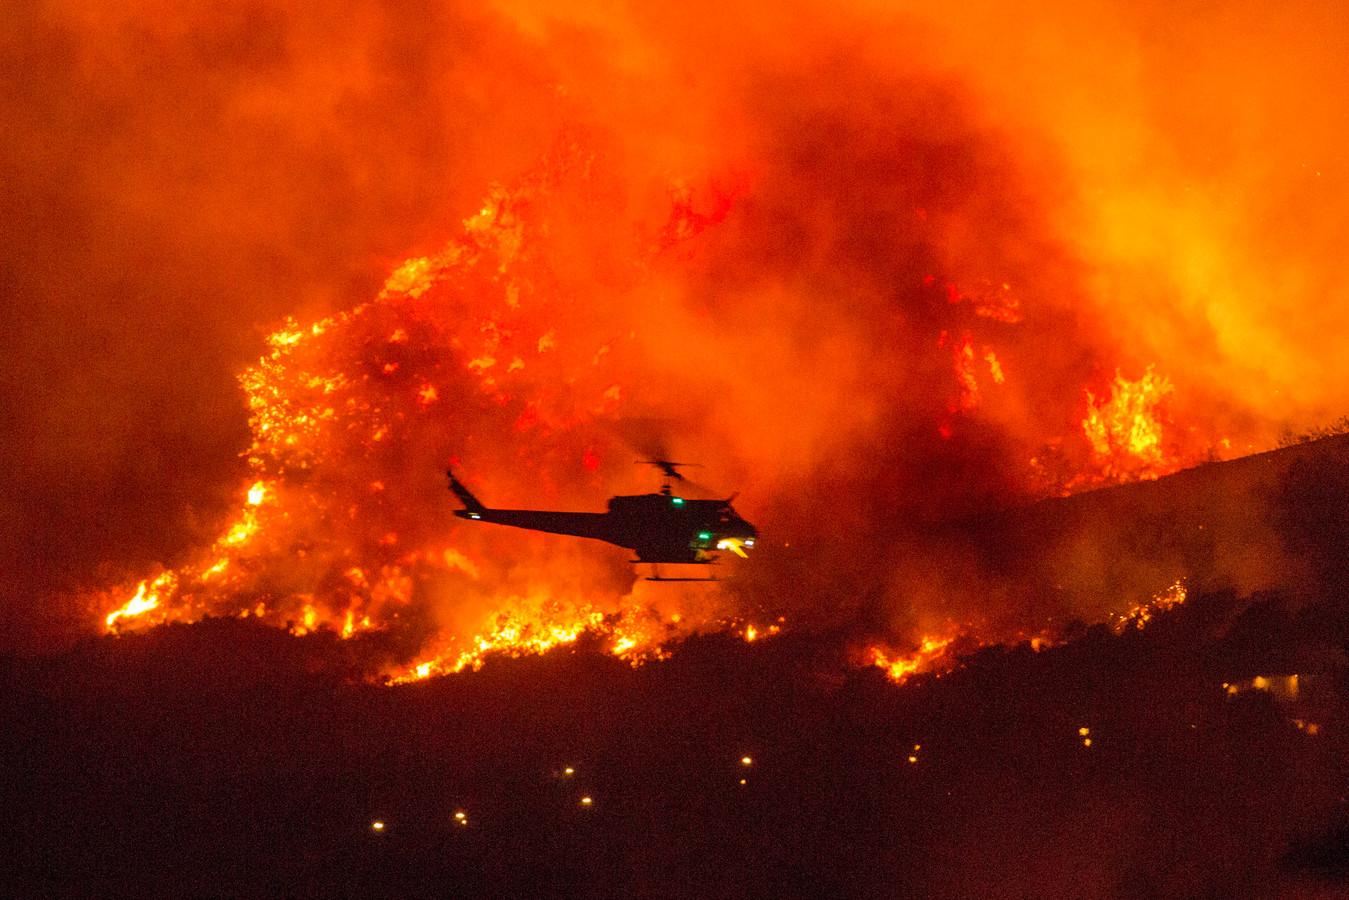 Zo'n 9000 hectare bos ging in vlammen op, nadat een babypartijtje op een enorme brand uitliep.